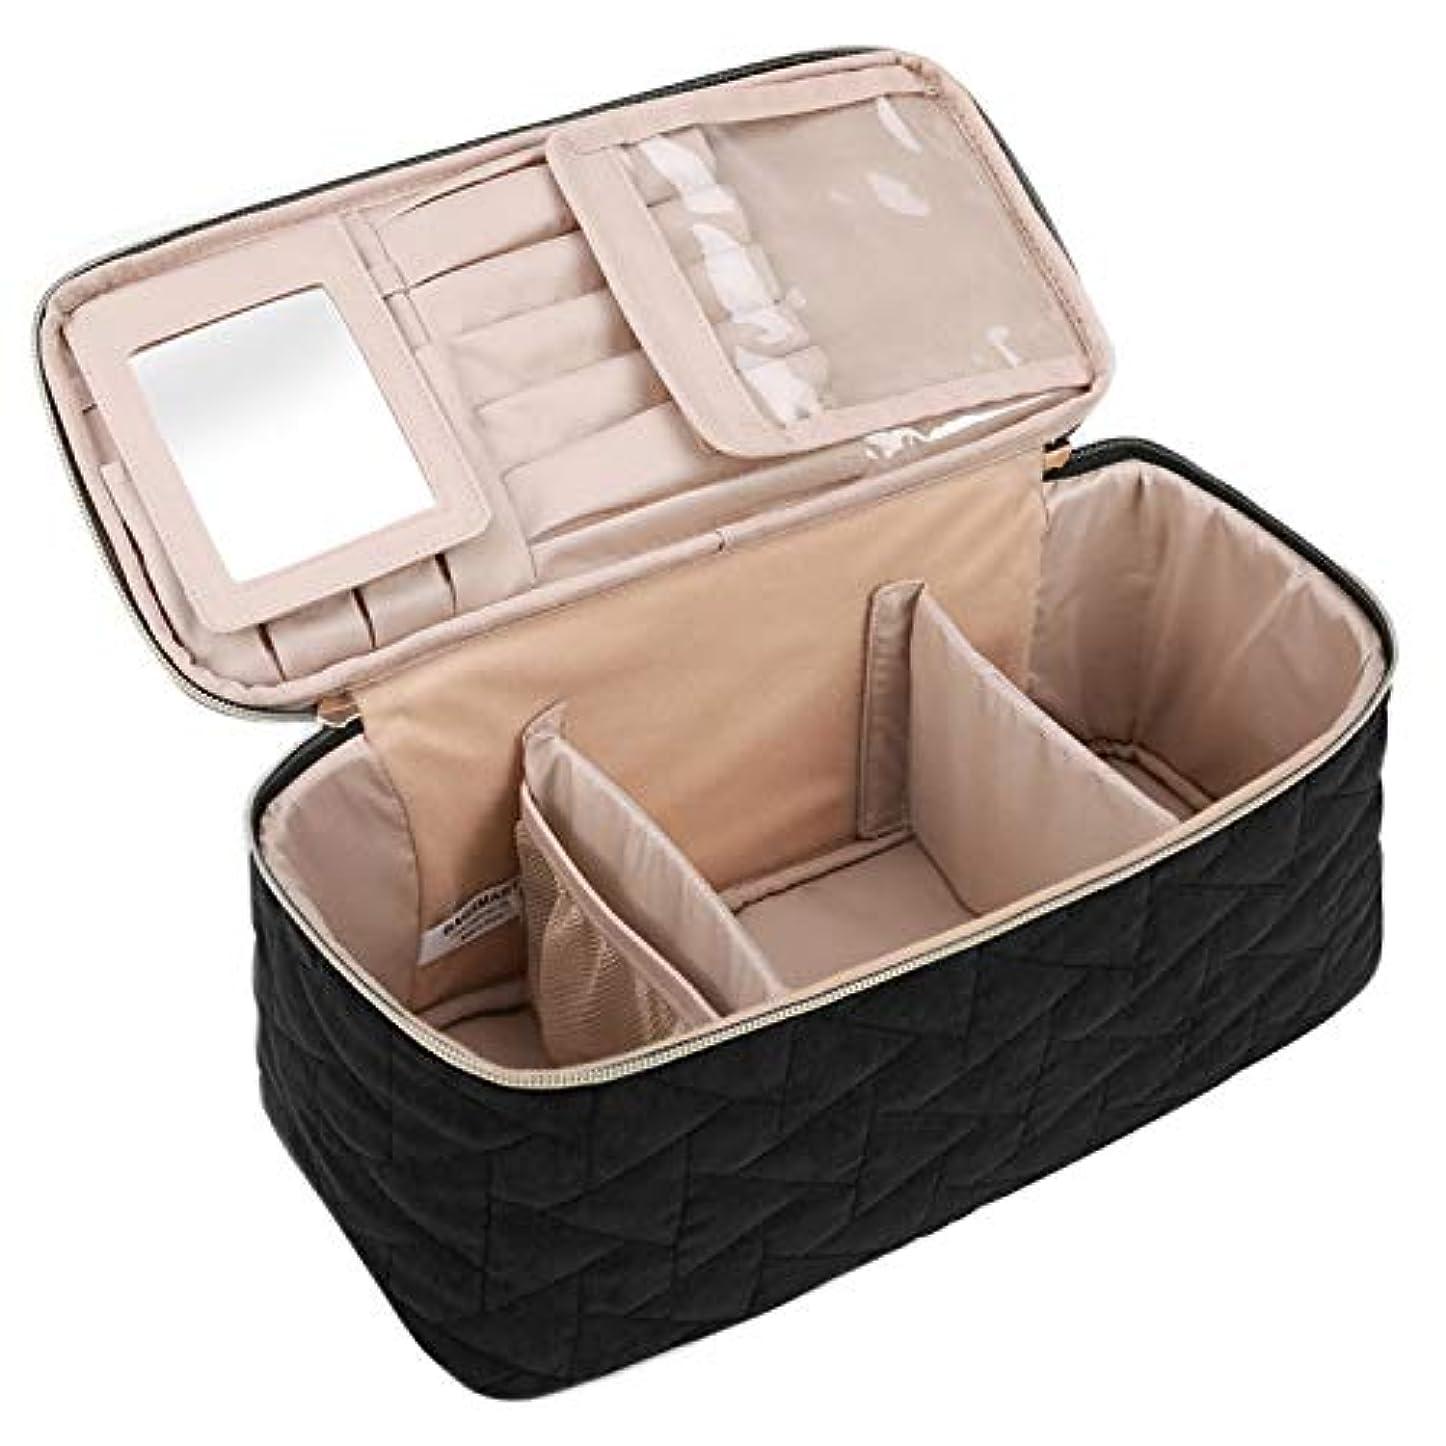 パックシンジケート意味のある(バッグスマート) BAGSMARTメイクボックス コスメボックス 化粧ポーチ メイクブラシバッグ 収納ケース 機能的 大容量